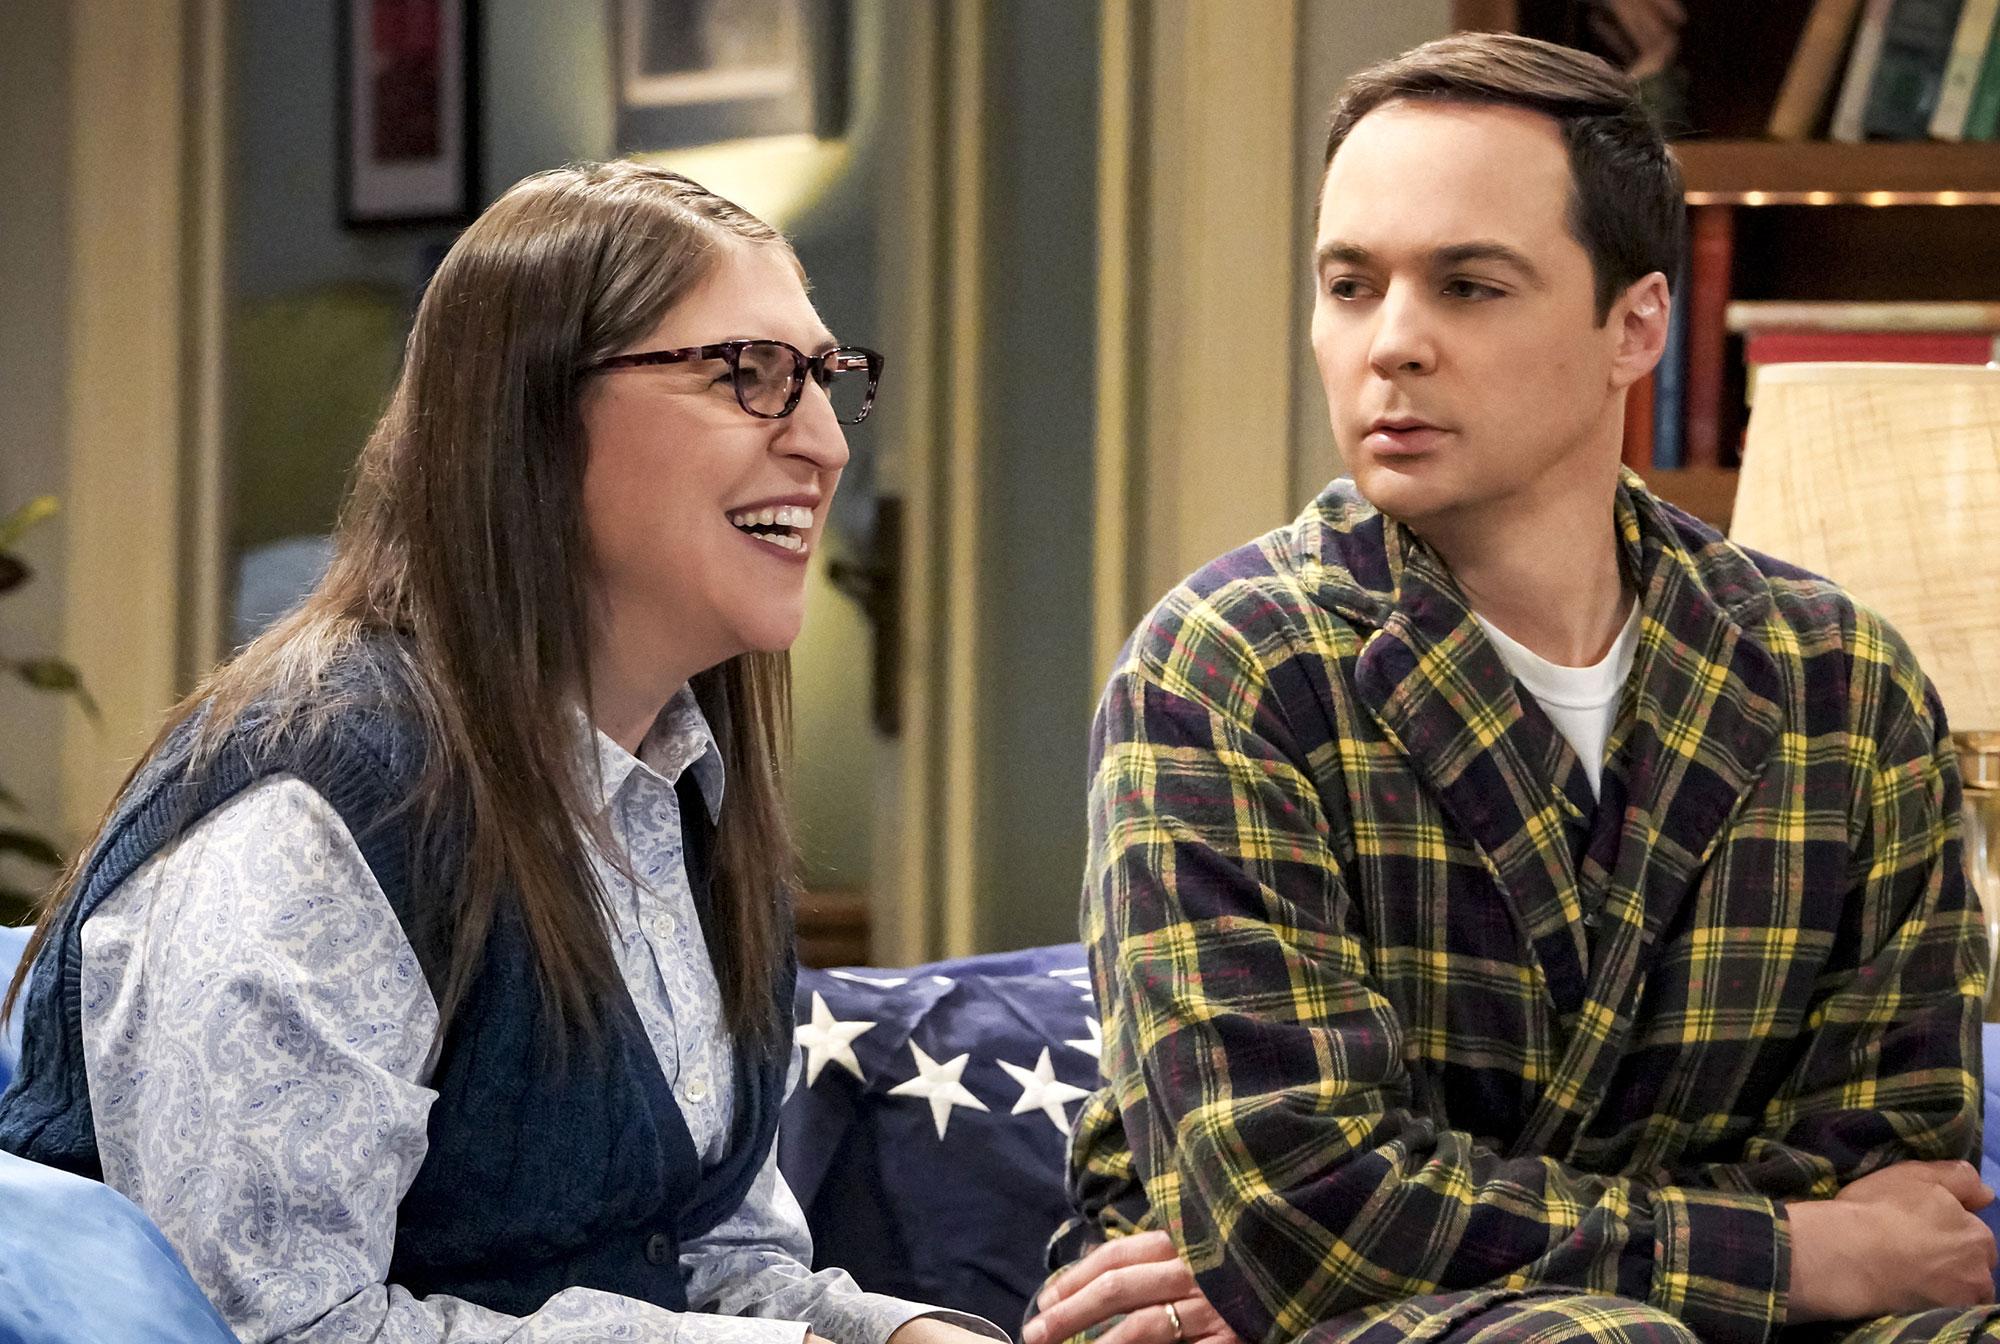 Mayim Bialik Did Not Steal From Set Big Bang Theory - Mayim Bialik and Jim Parsons during an episode of 'The Big Bang Theory.